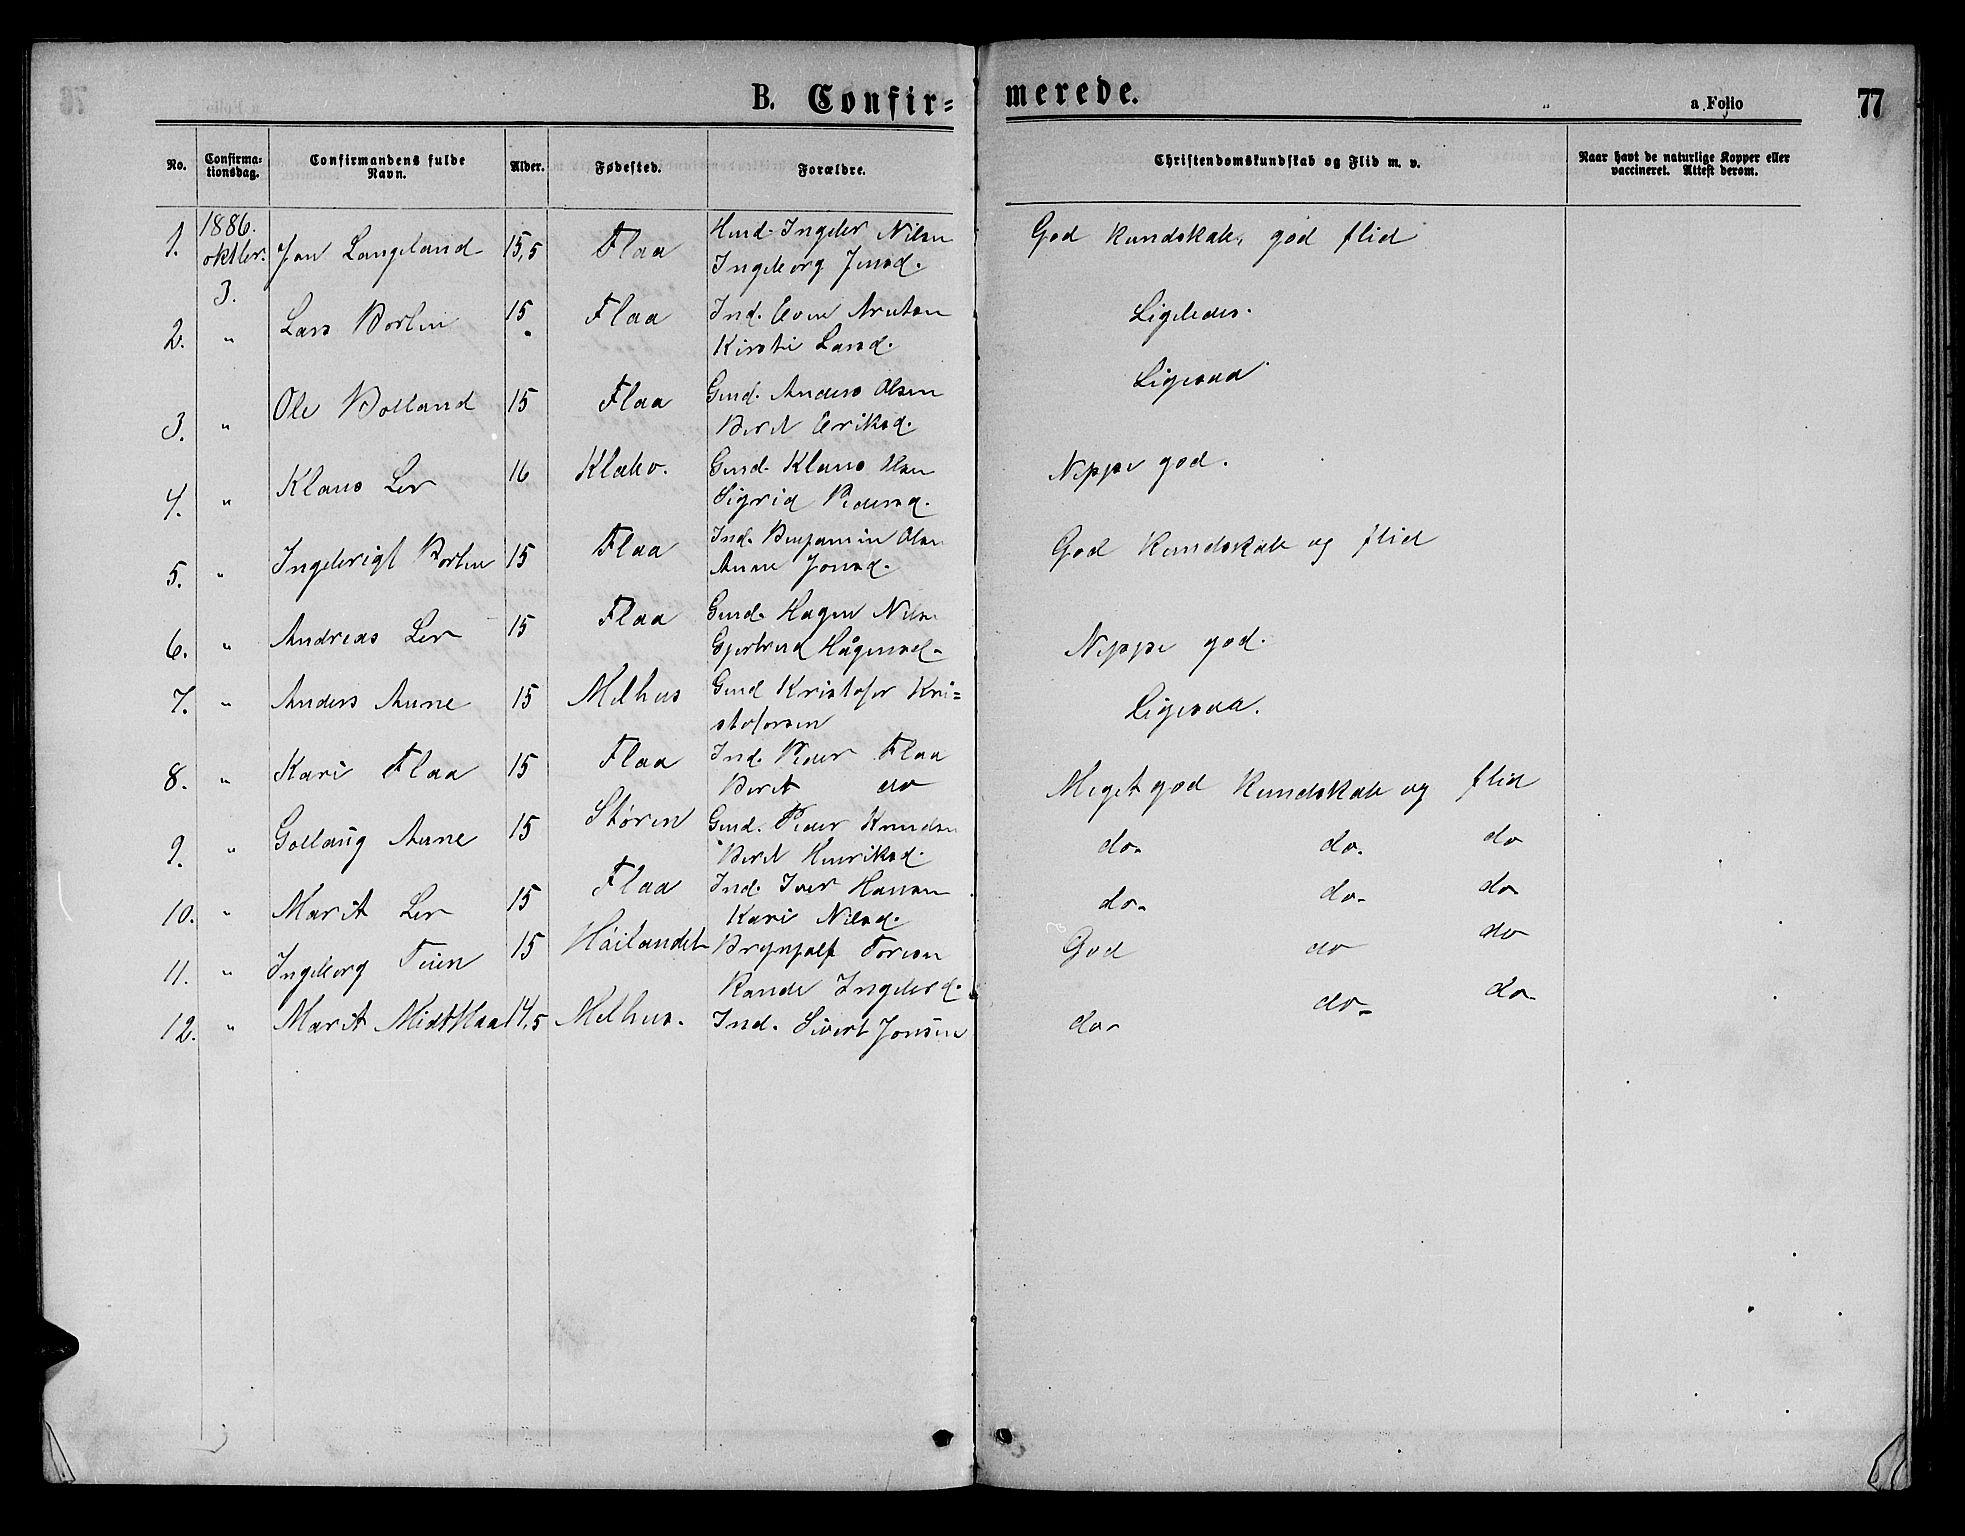 SAT, Ministerialprotokoller, klokkerbøker og fødselsregistre - Sør-Trøndelag, 693/L1122: Klokkerbok nr. 693C03, 1870-1886, s. 77